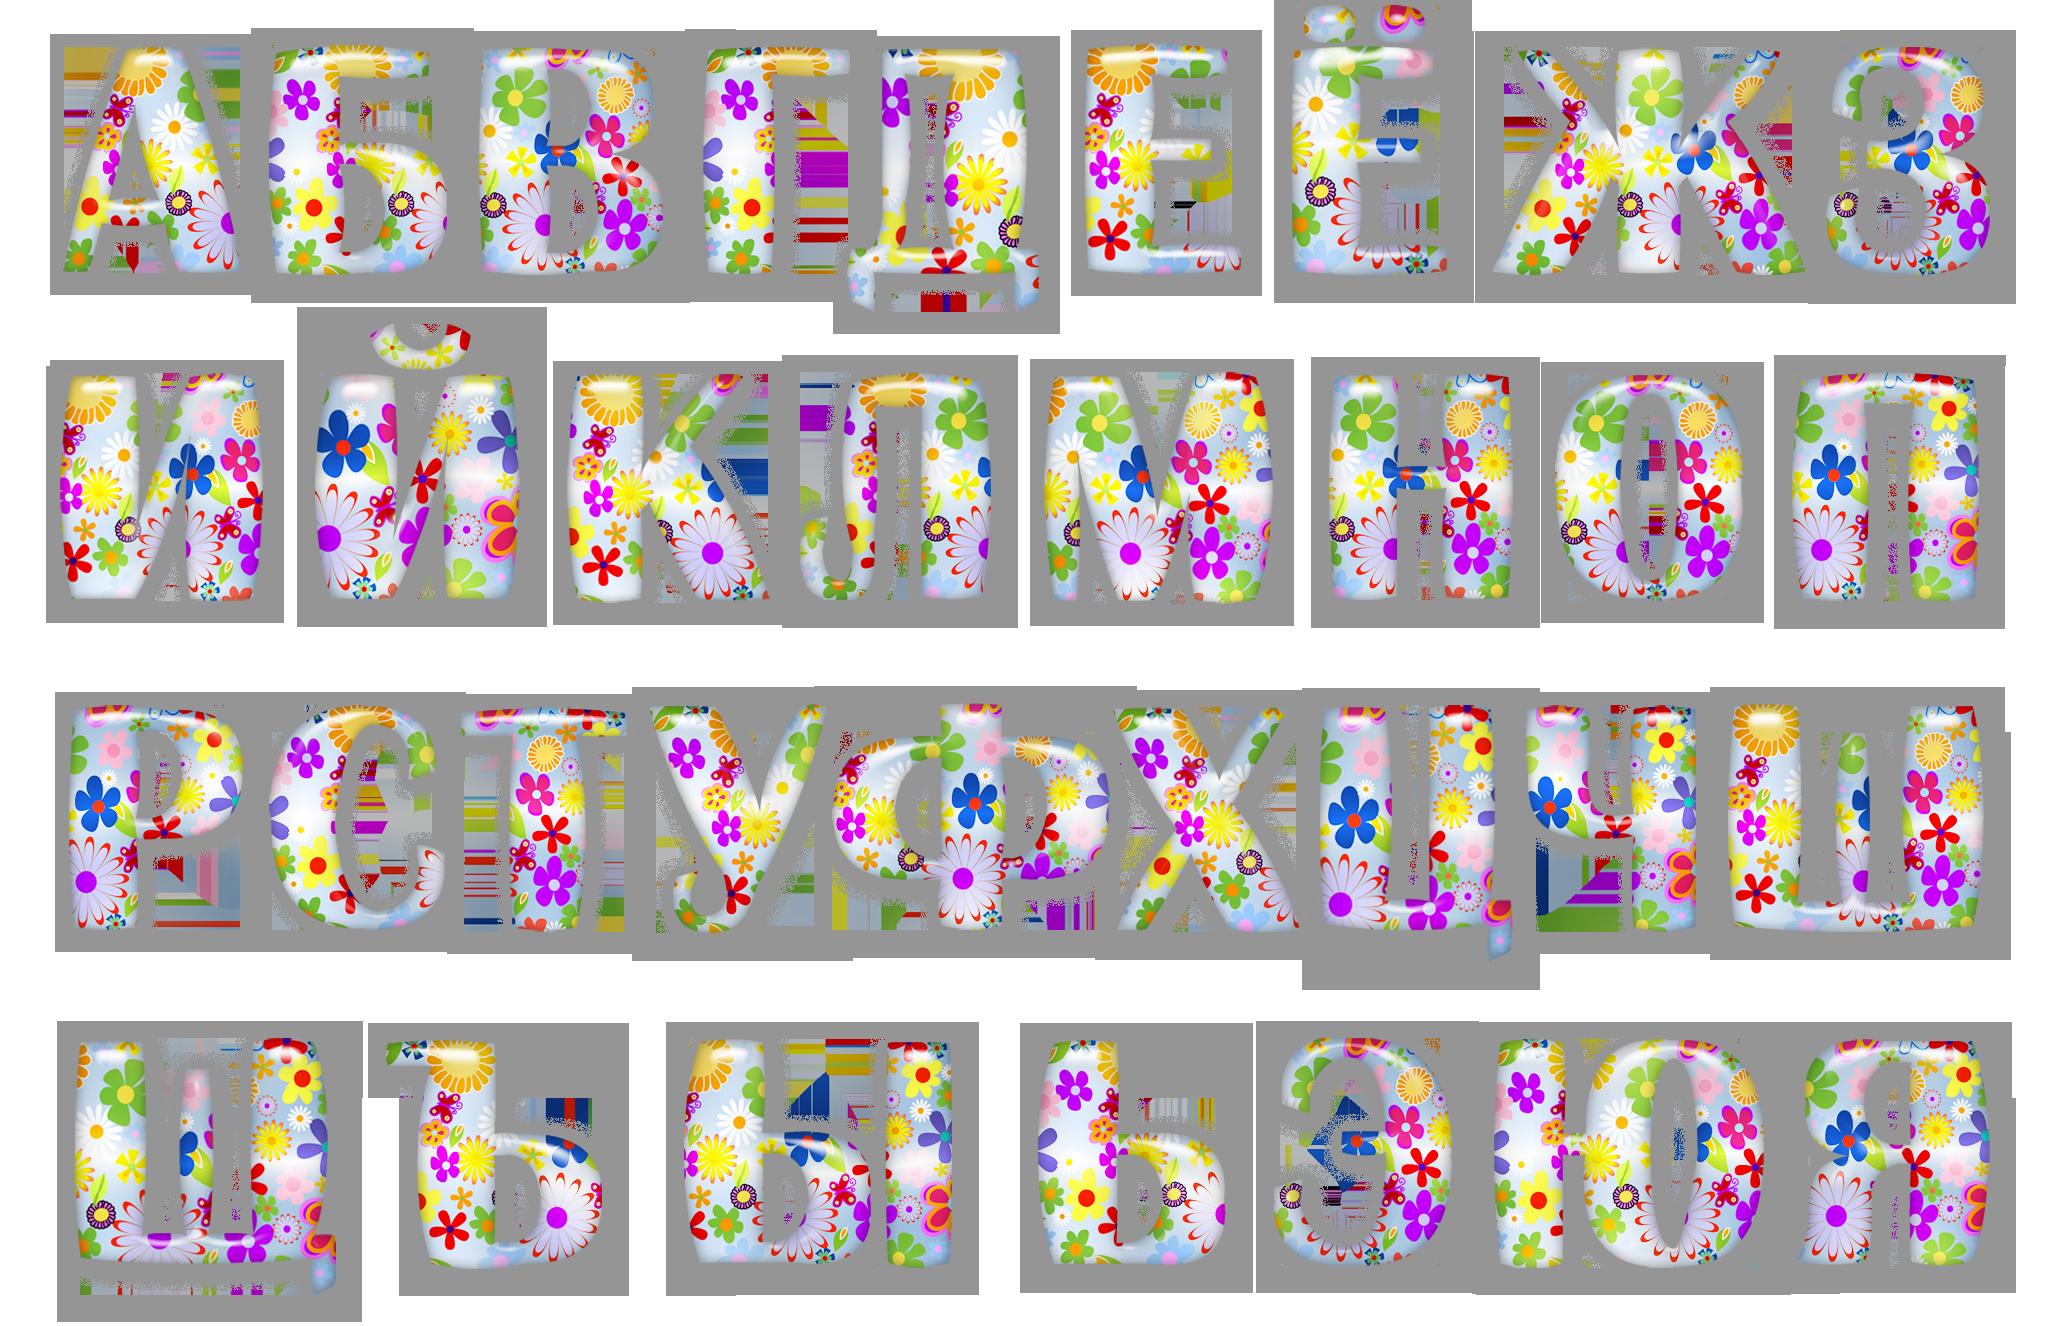 комнате было алфавит русский картинки с днем рождения поздравление